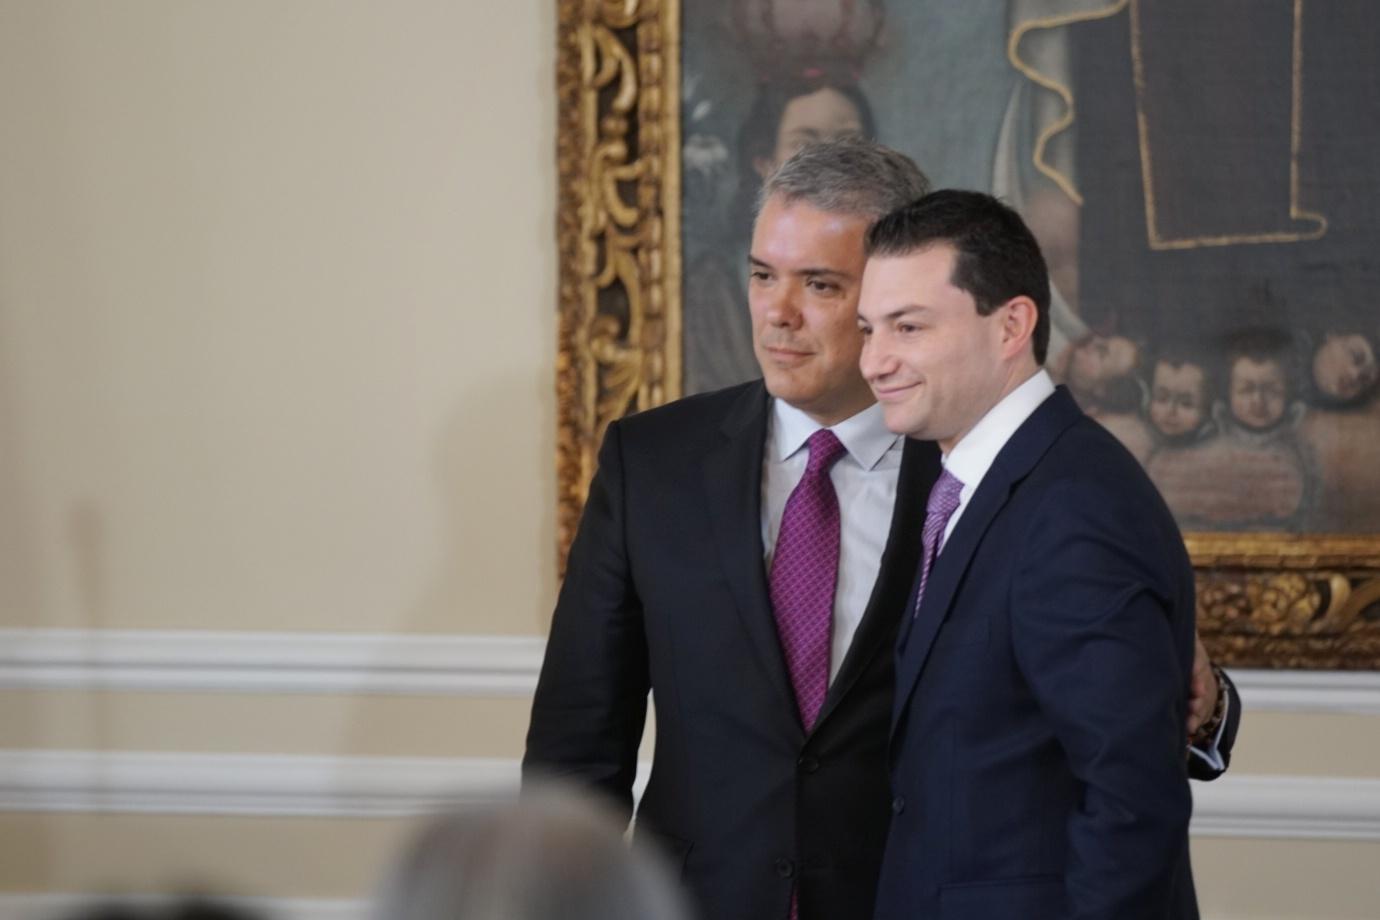 Posesión del nuevo Contralor General de la Nación, Carlos Felipe Córdoba en La casa de Nariño, llevada acabo por el Presidente Iván Duque.